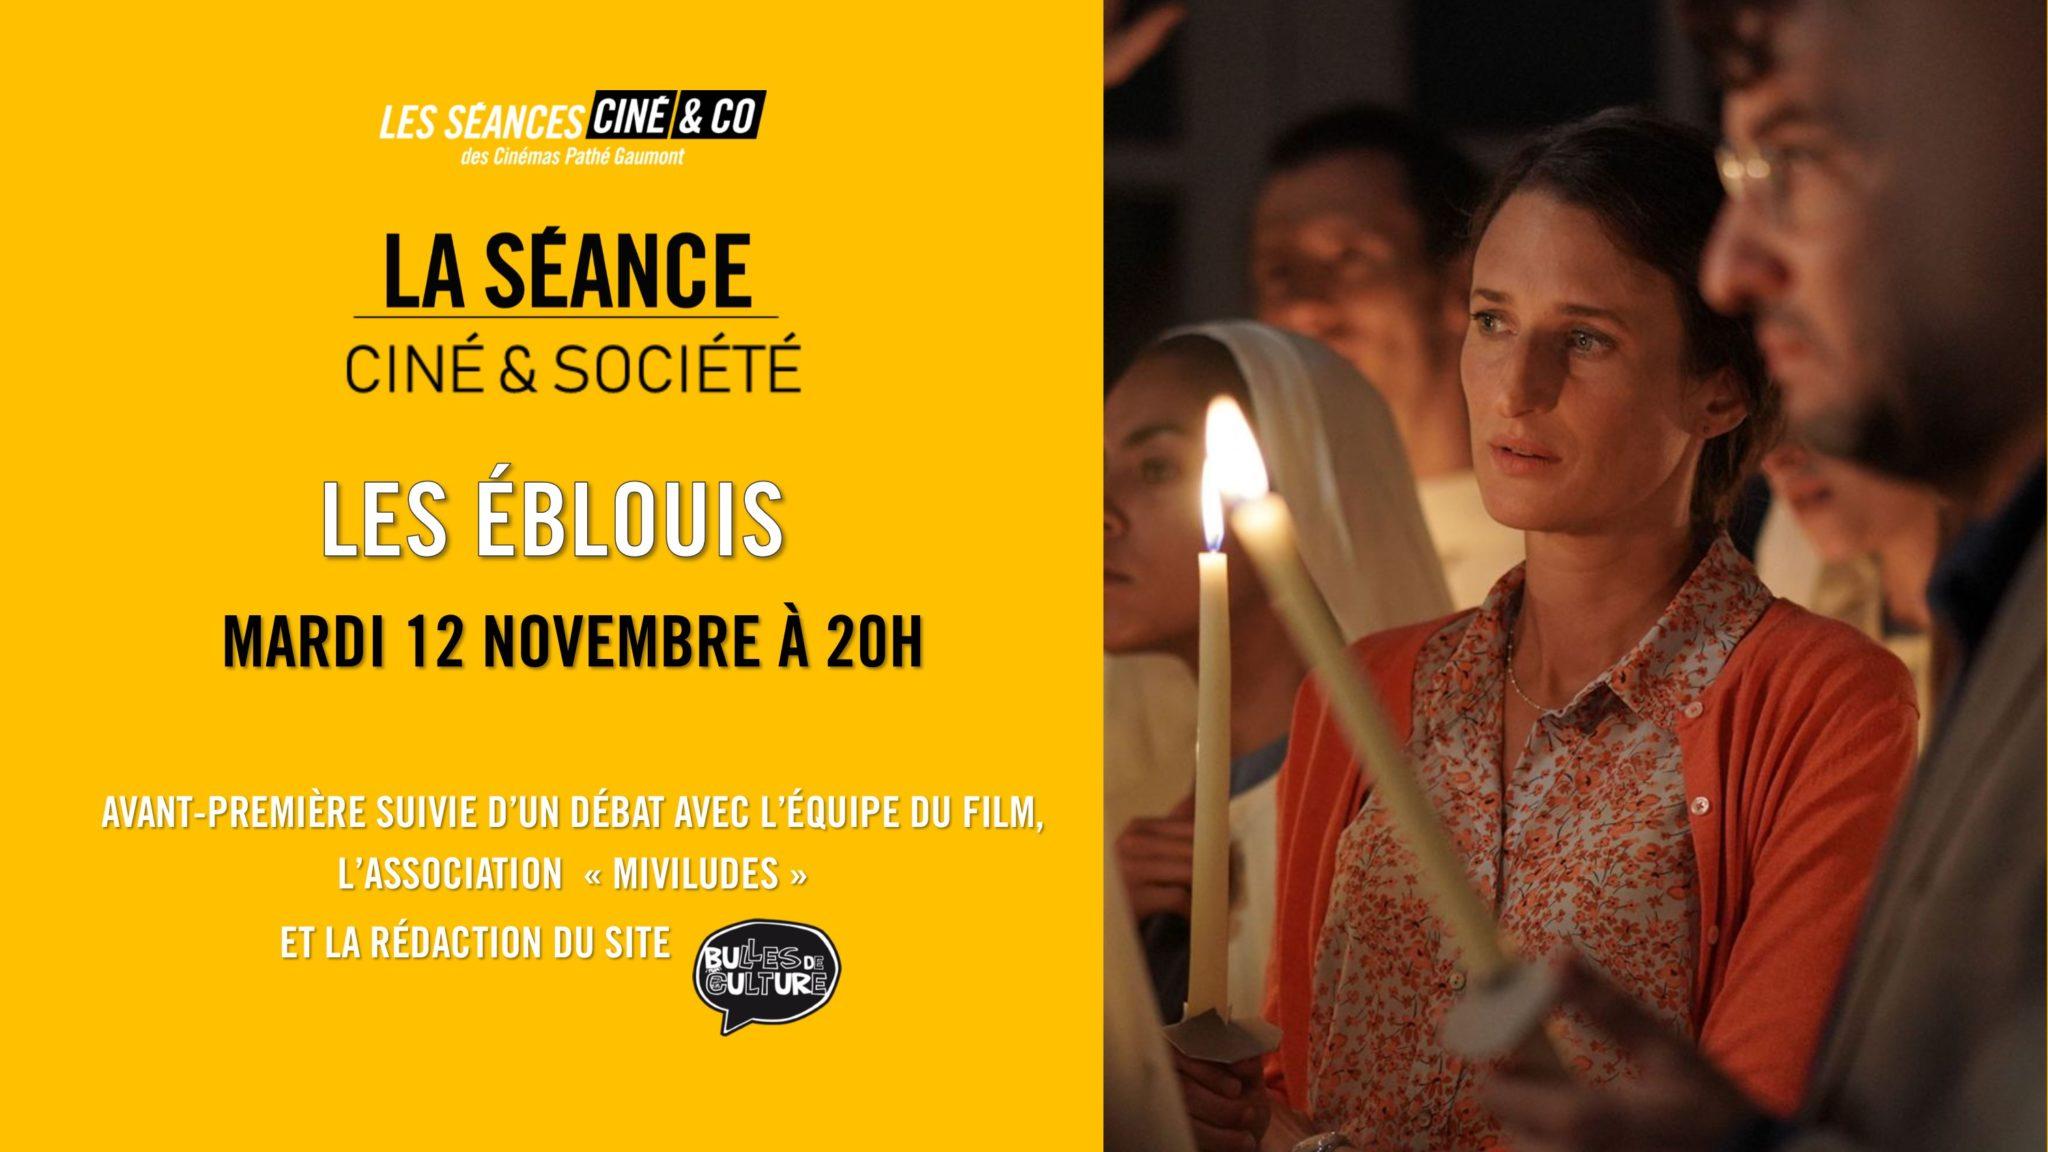 la séance ciné et société_LES EBLOUIS affiche digitale horizontale sans tarif